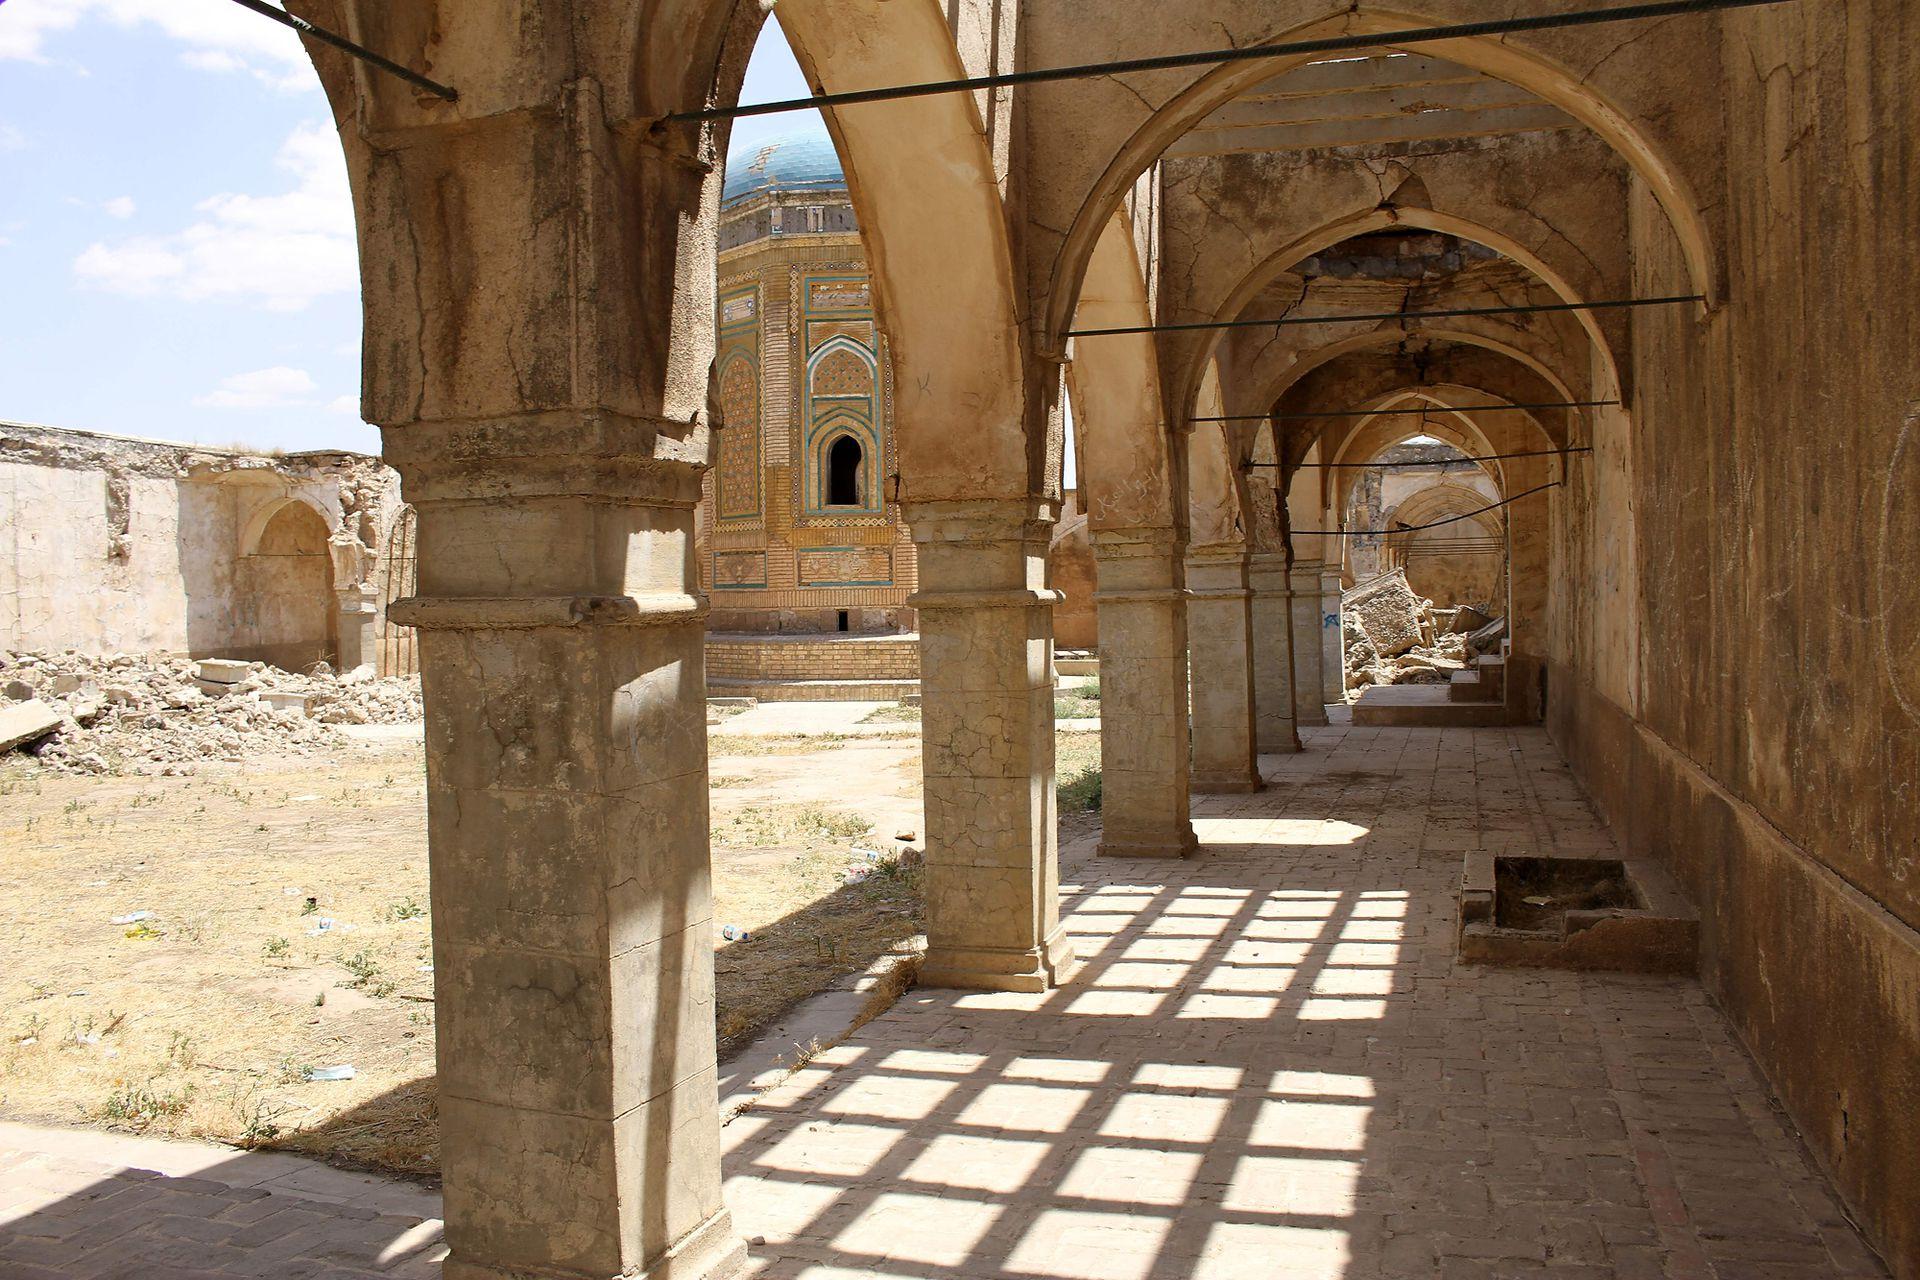 """Los mosaicos se desmoronan y las paredes están a punto de caer en la ciudadela de 3.000 años de antigüedad y en la """"qishla"""", una guarnición otomana"""